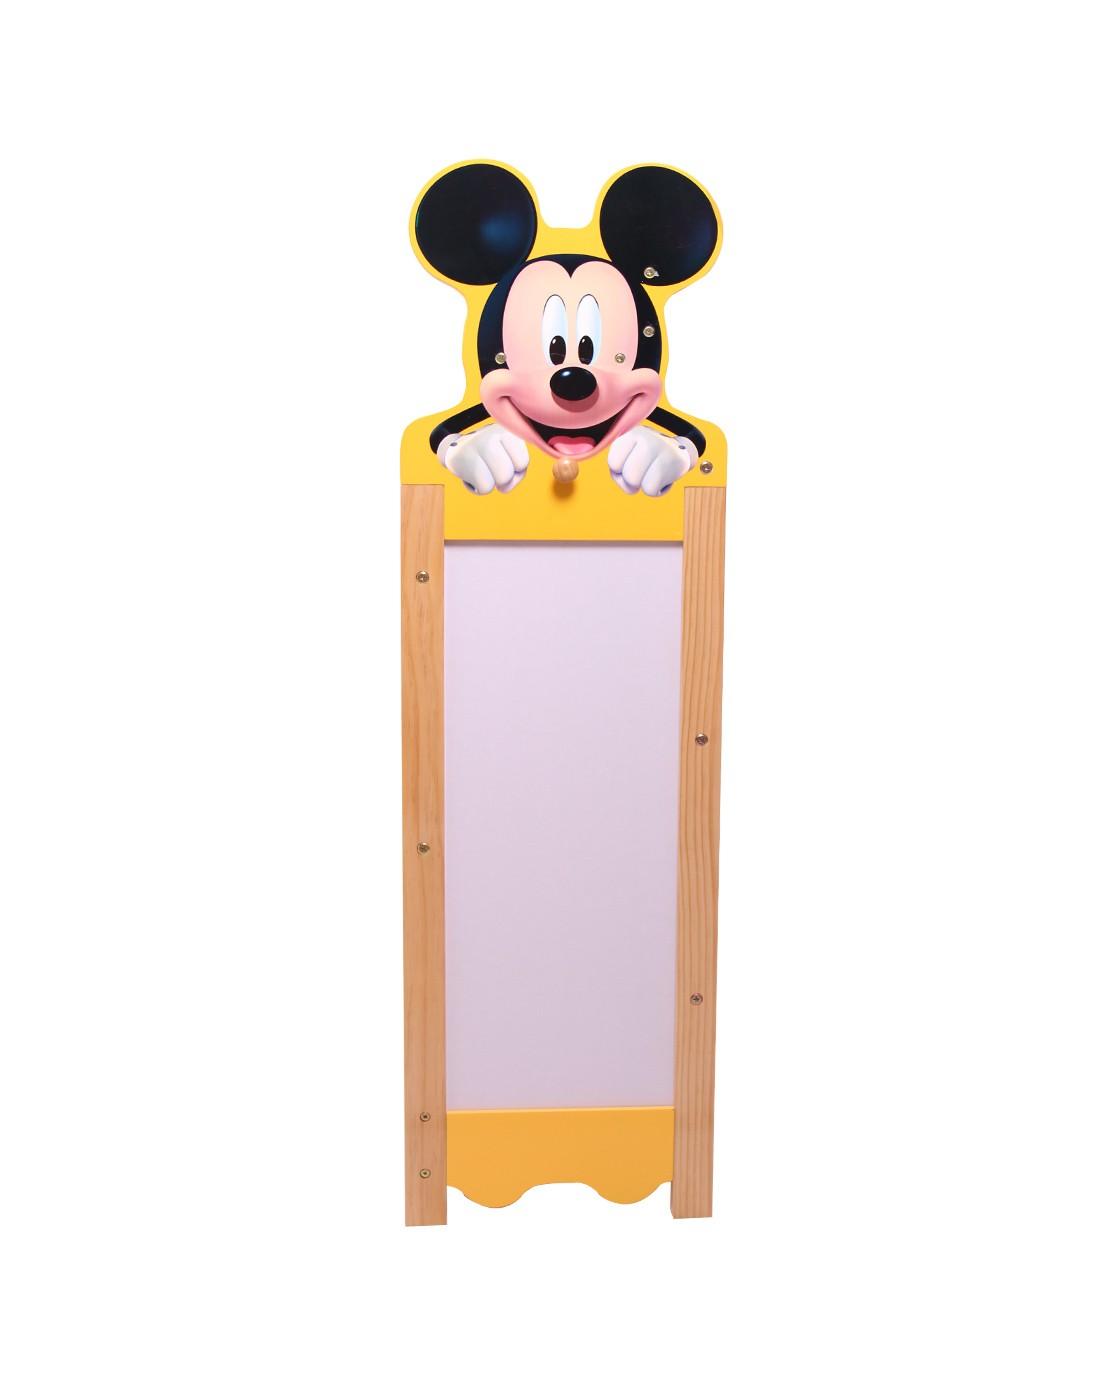 迪士尼儿童卡通小家具专场 > 大米奇头玩具收纳架侧板画板